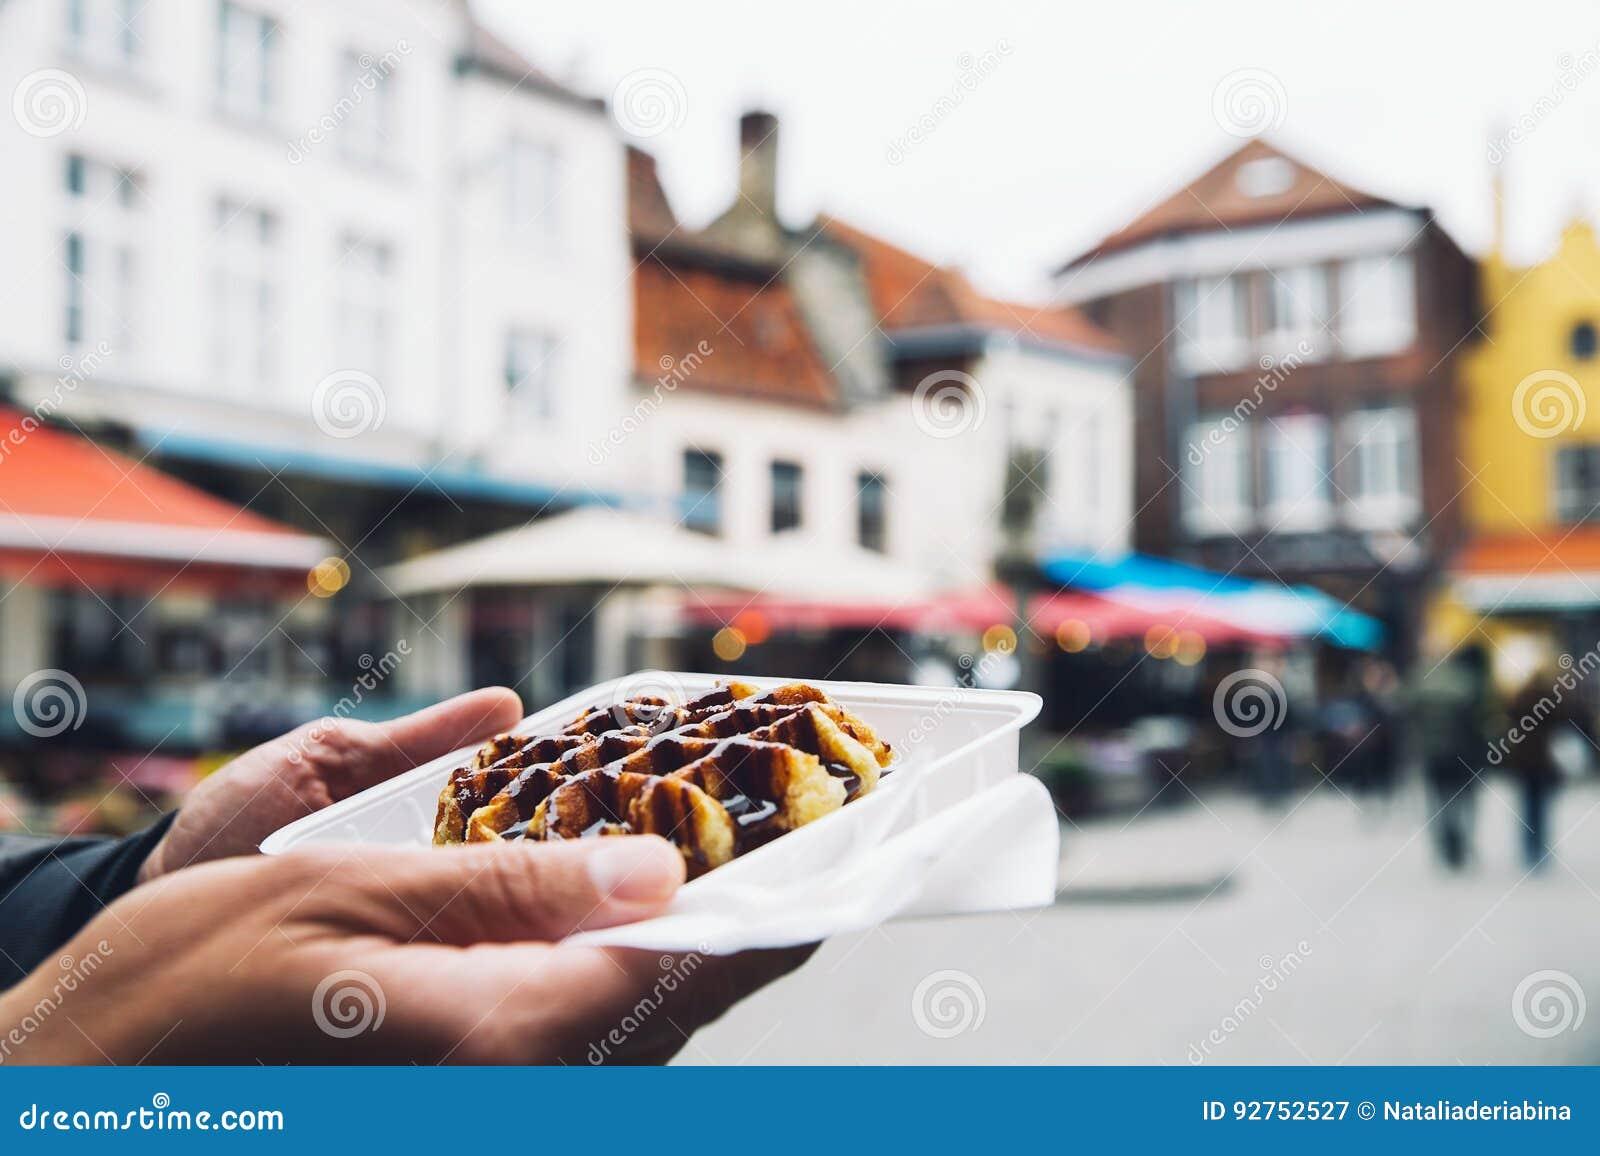 Традиционный бельгийский десерт, печенье - waffle Бельгии вкусный с